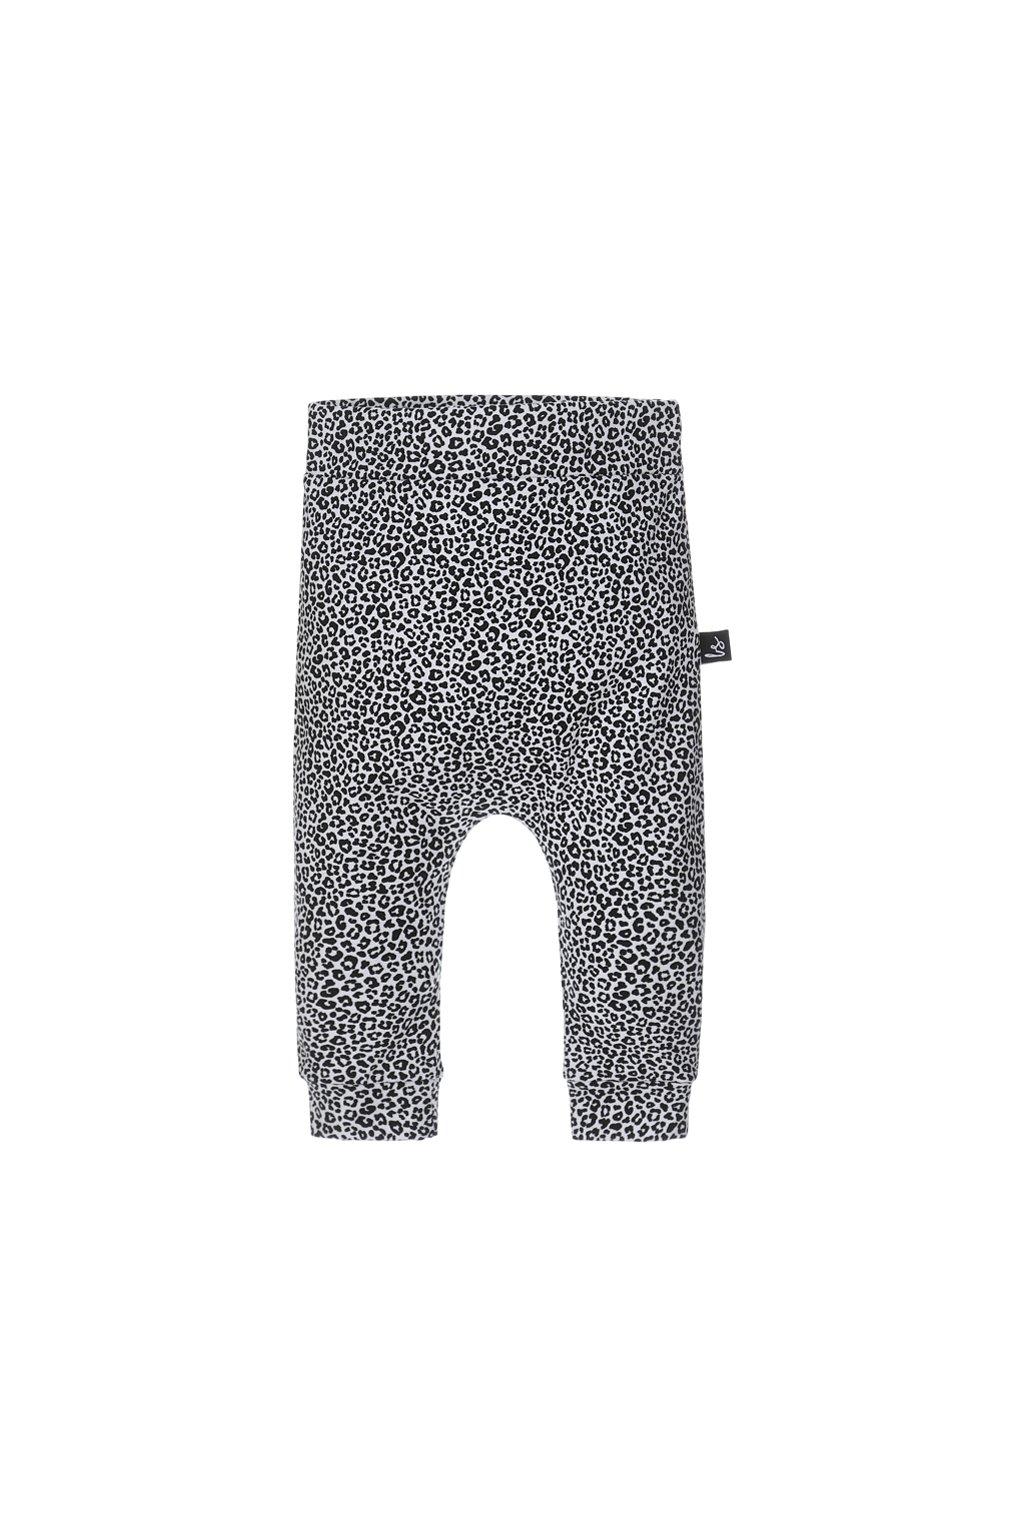 luipaard broekje small wit babystyling